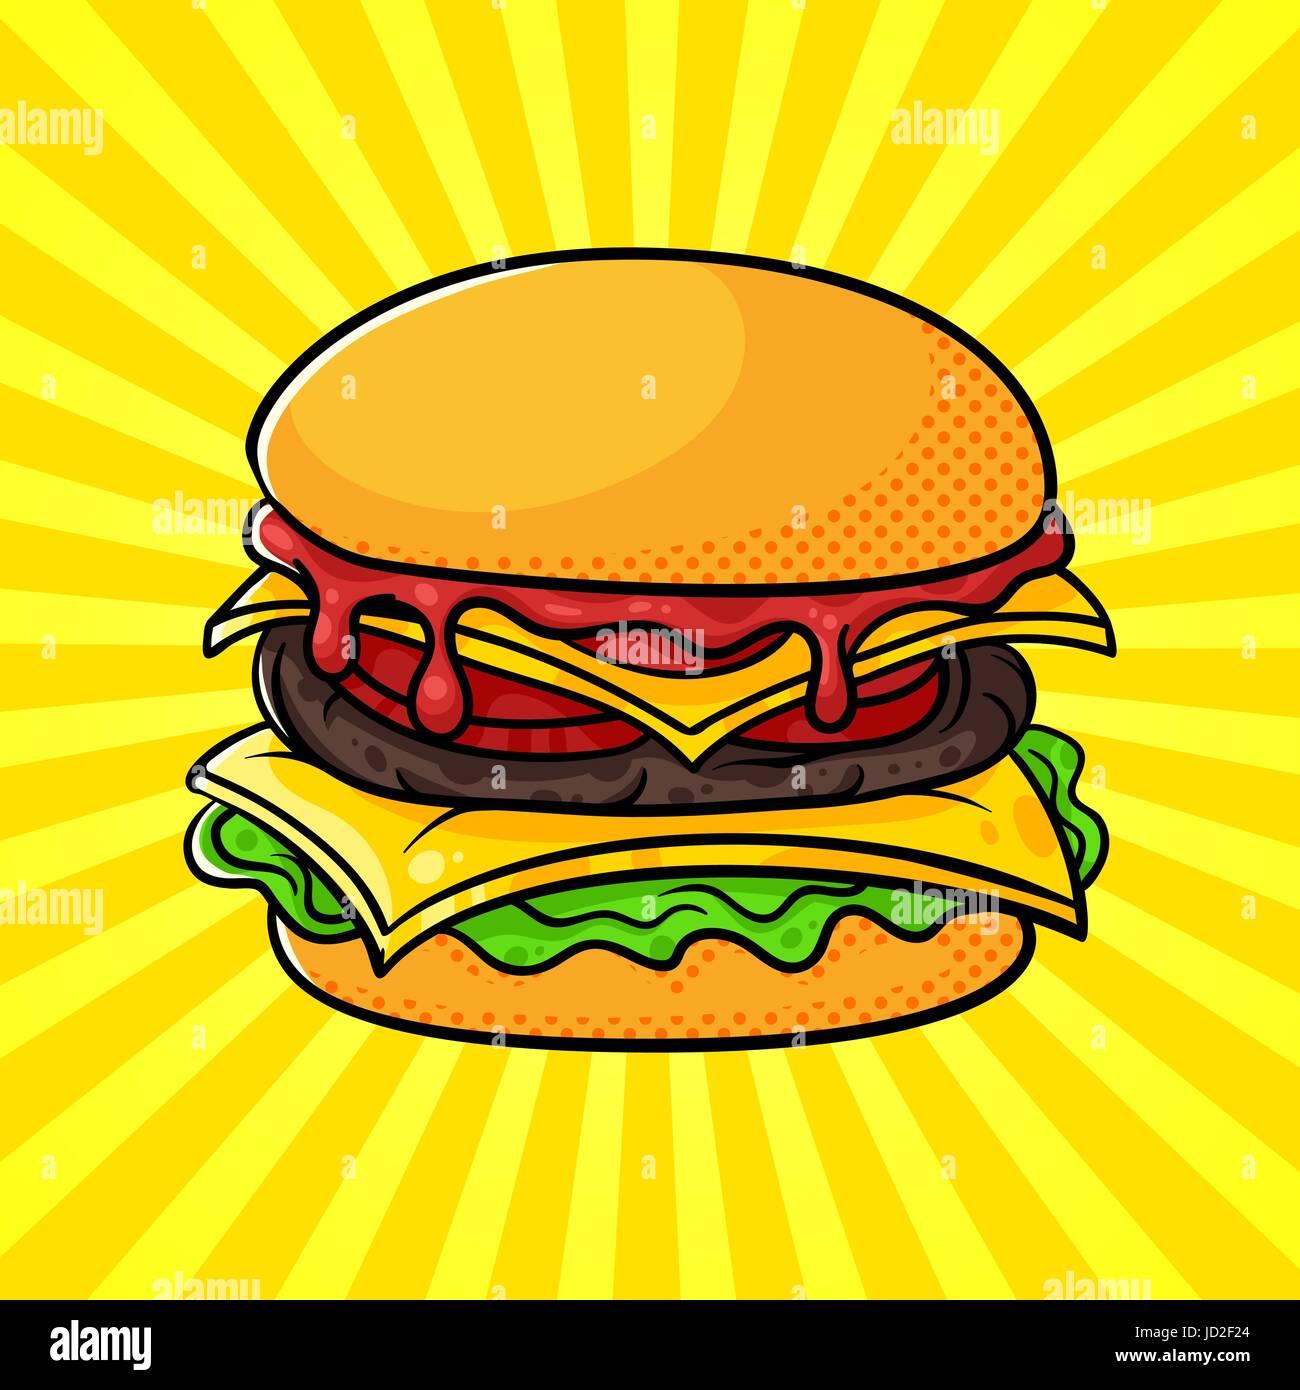 vektor handgezeichneten pop art darstellung der hamburger fast food retro stil gezeichnete. Black Bedroom Furniture Sets. Home Design Ideas